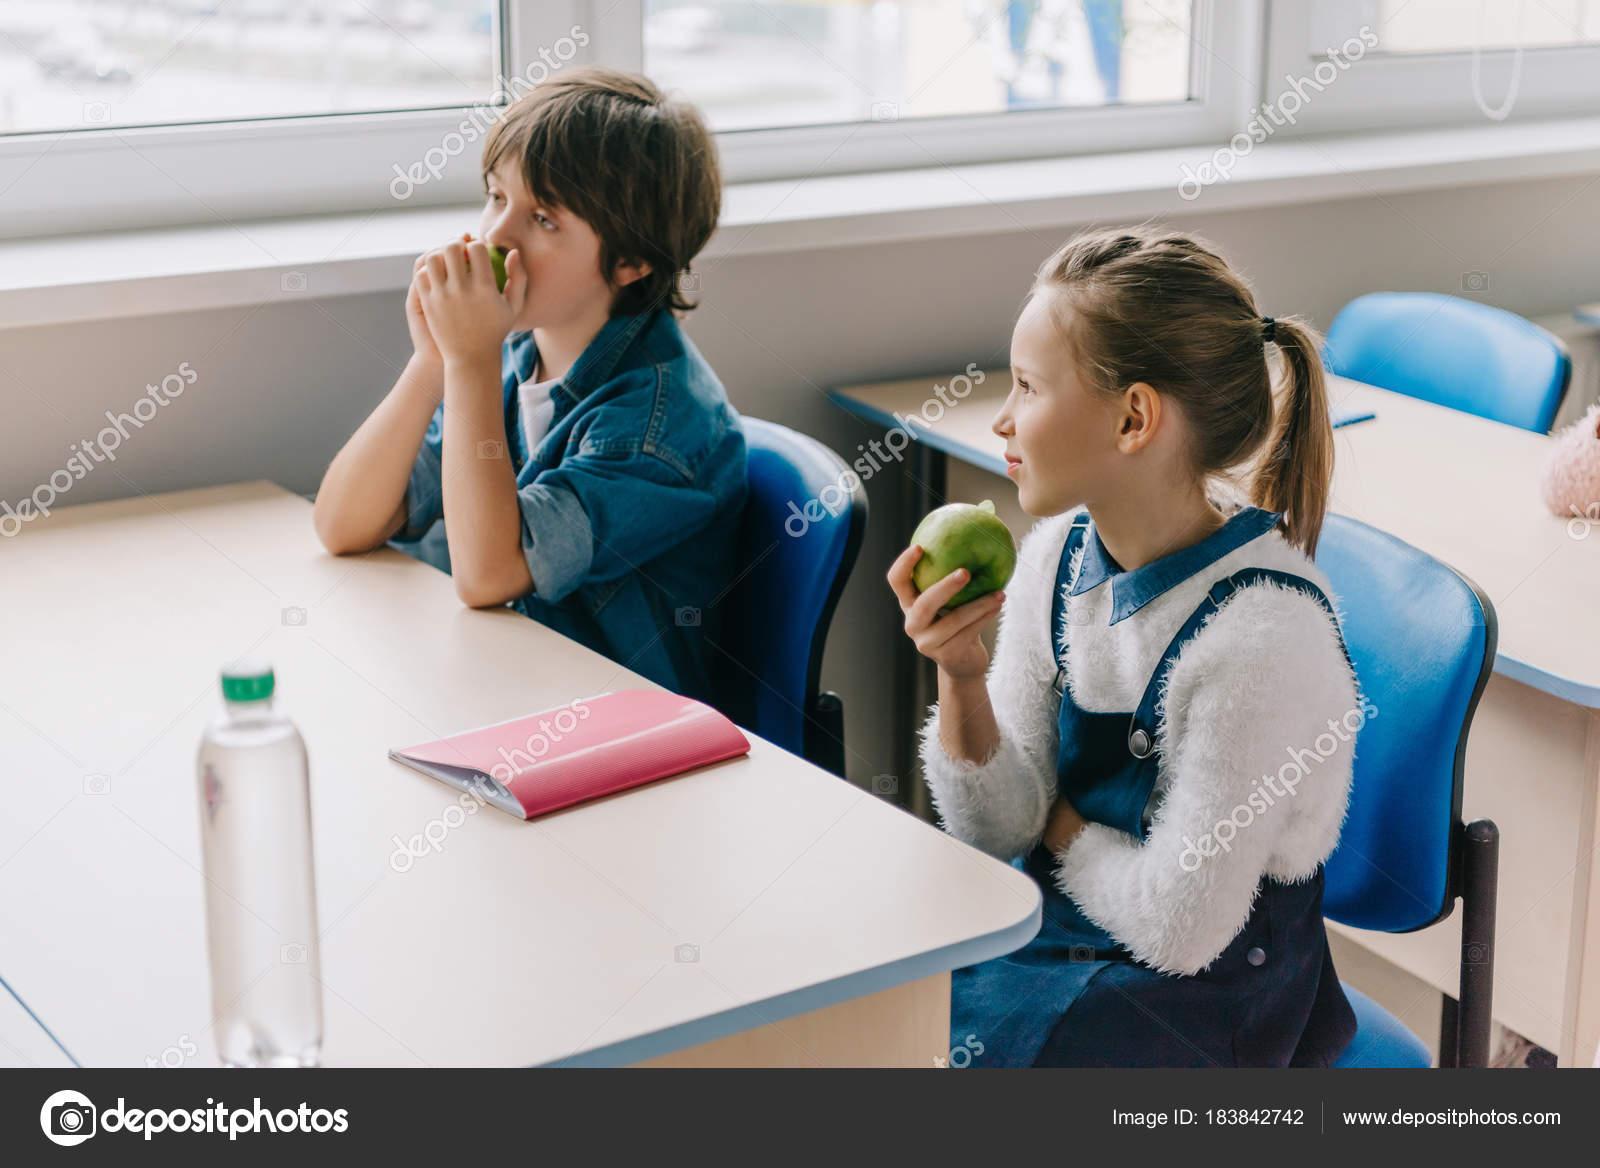 Imágenes No Comer En Clase Compañeros Clase Sentado Mesa Comer